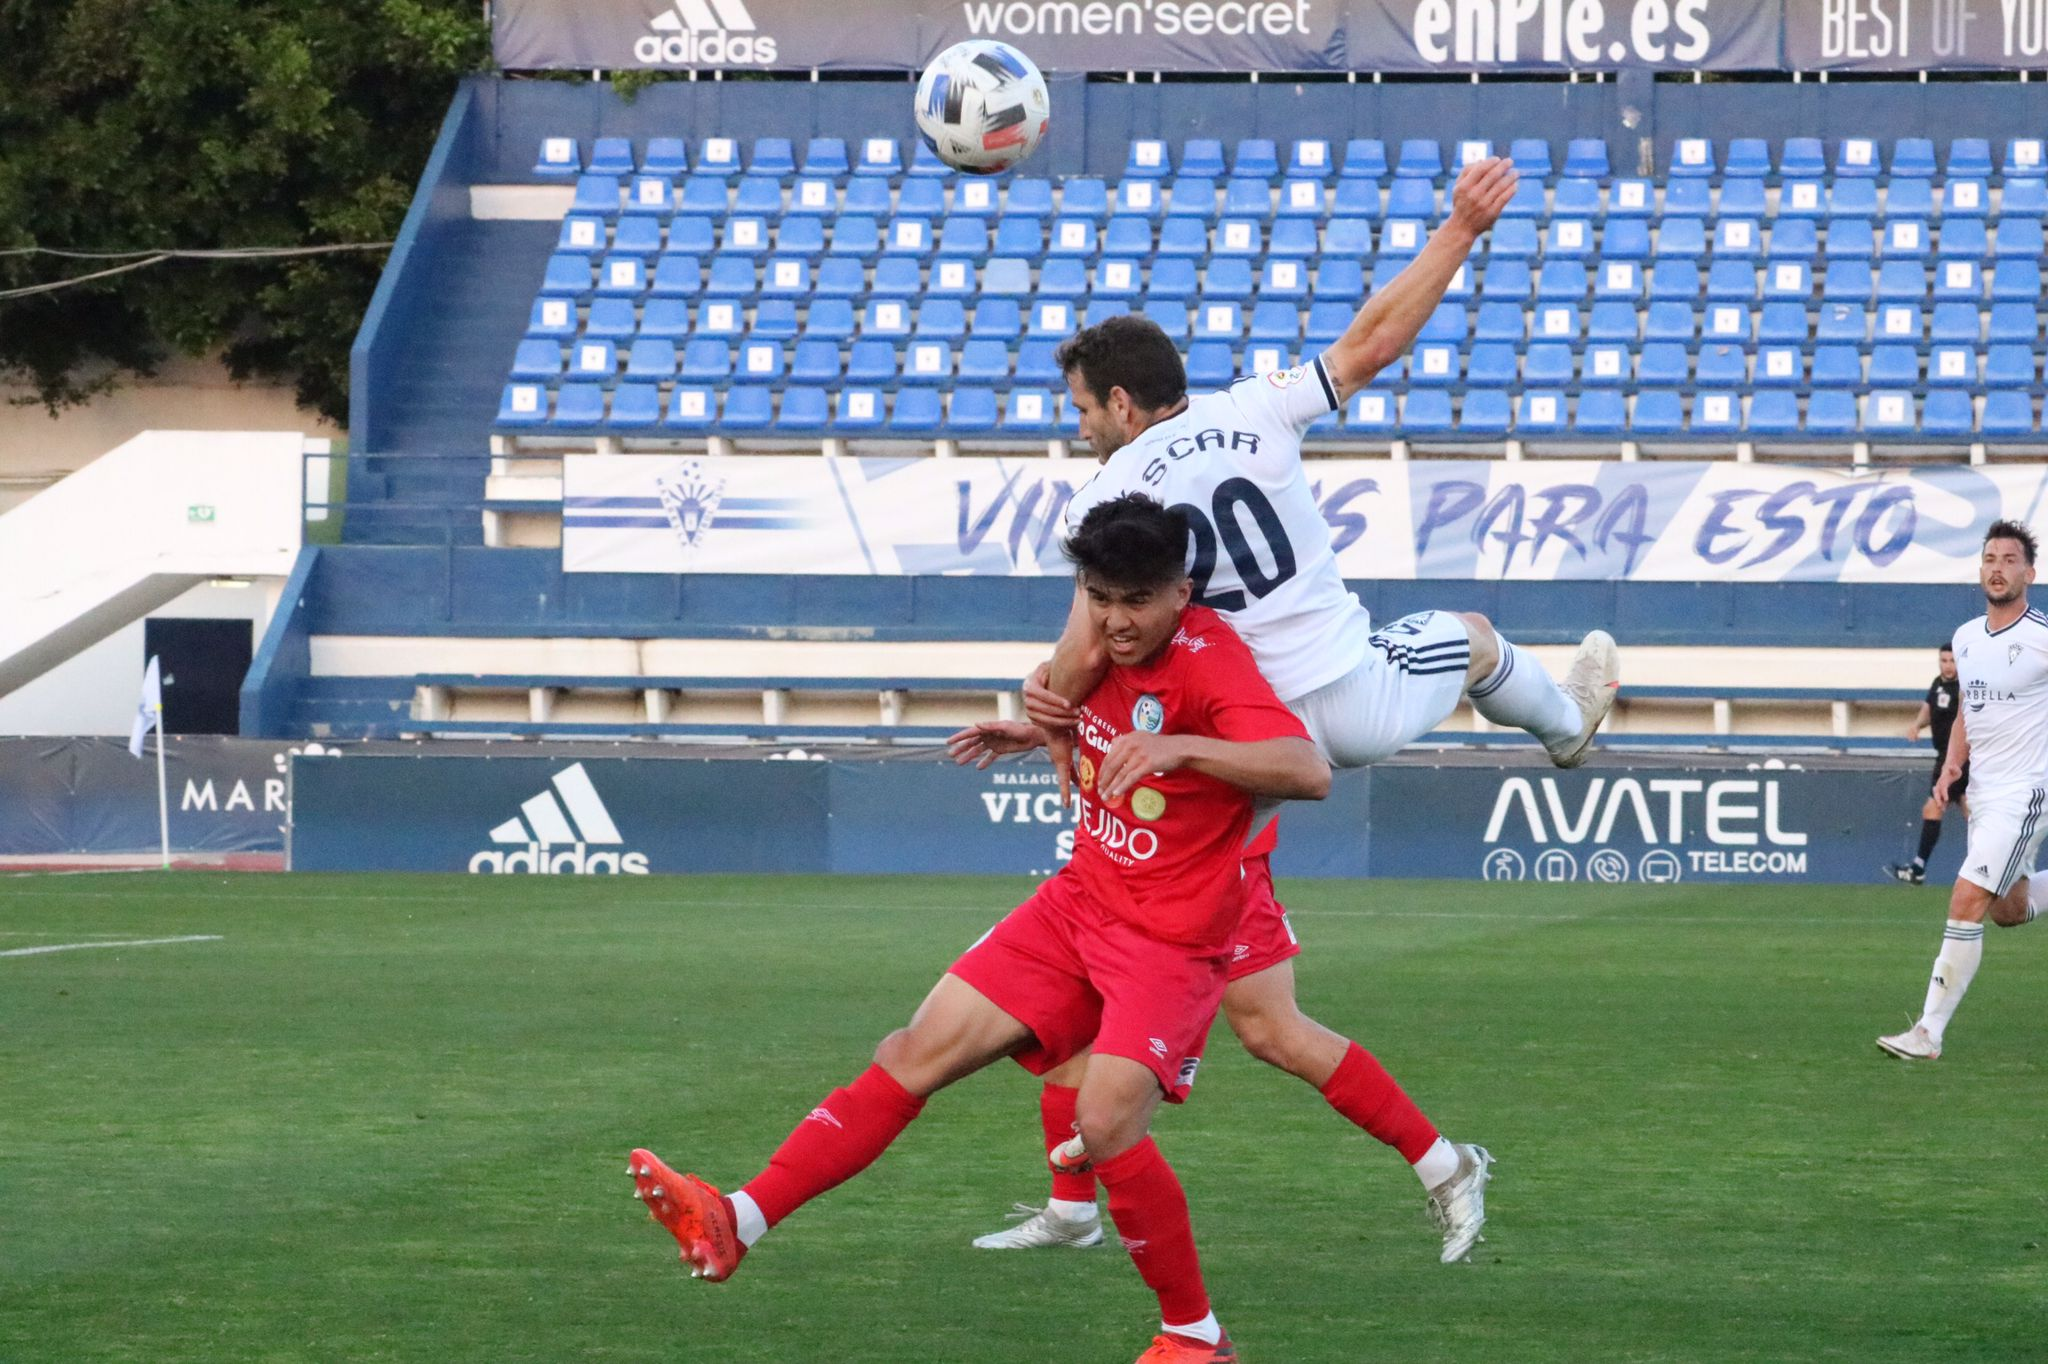 Un gol en fuera de juego le cuesta los puntos al CD El Ejido en Marbella